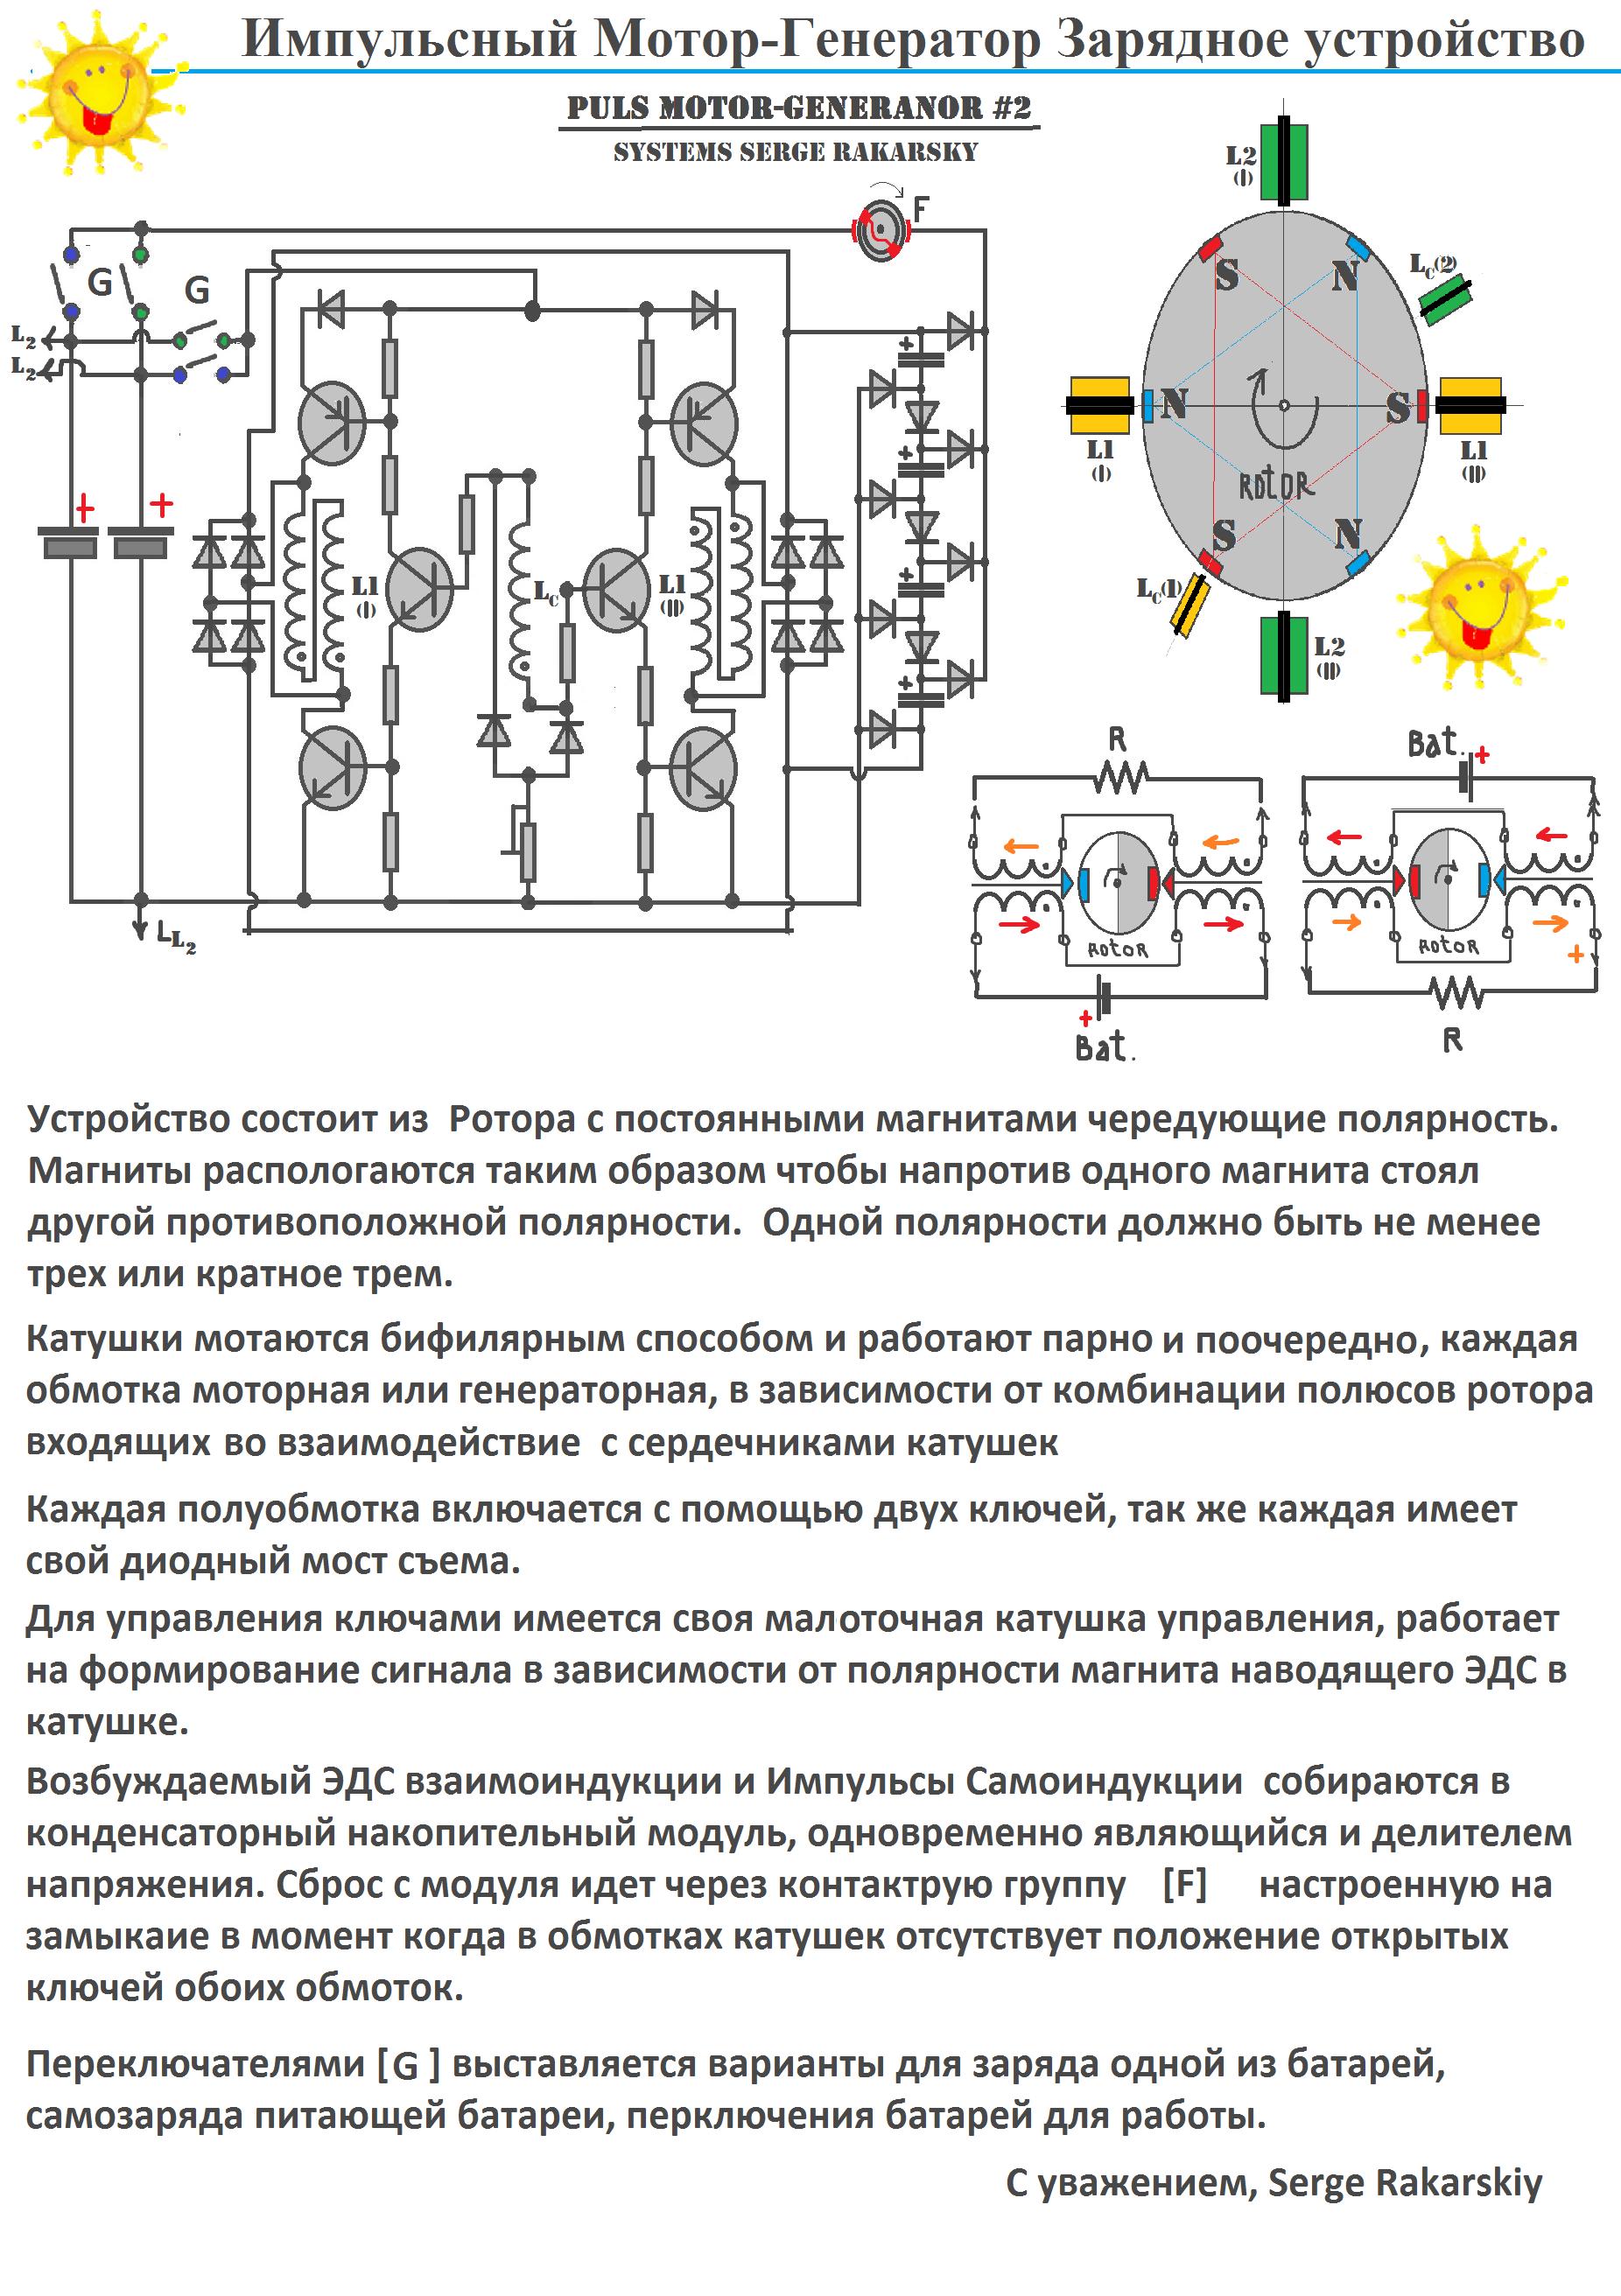 puls_motor_1_Rakarskiy.png